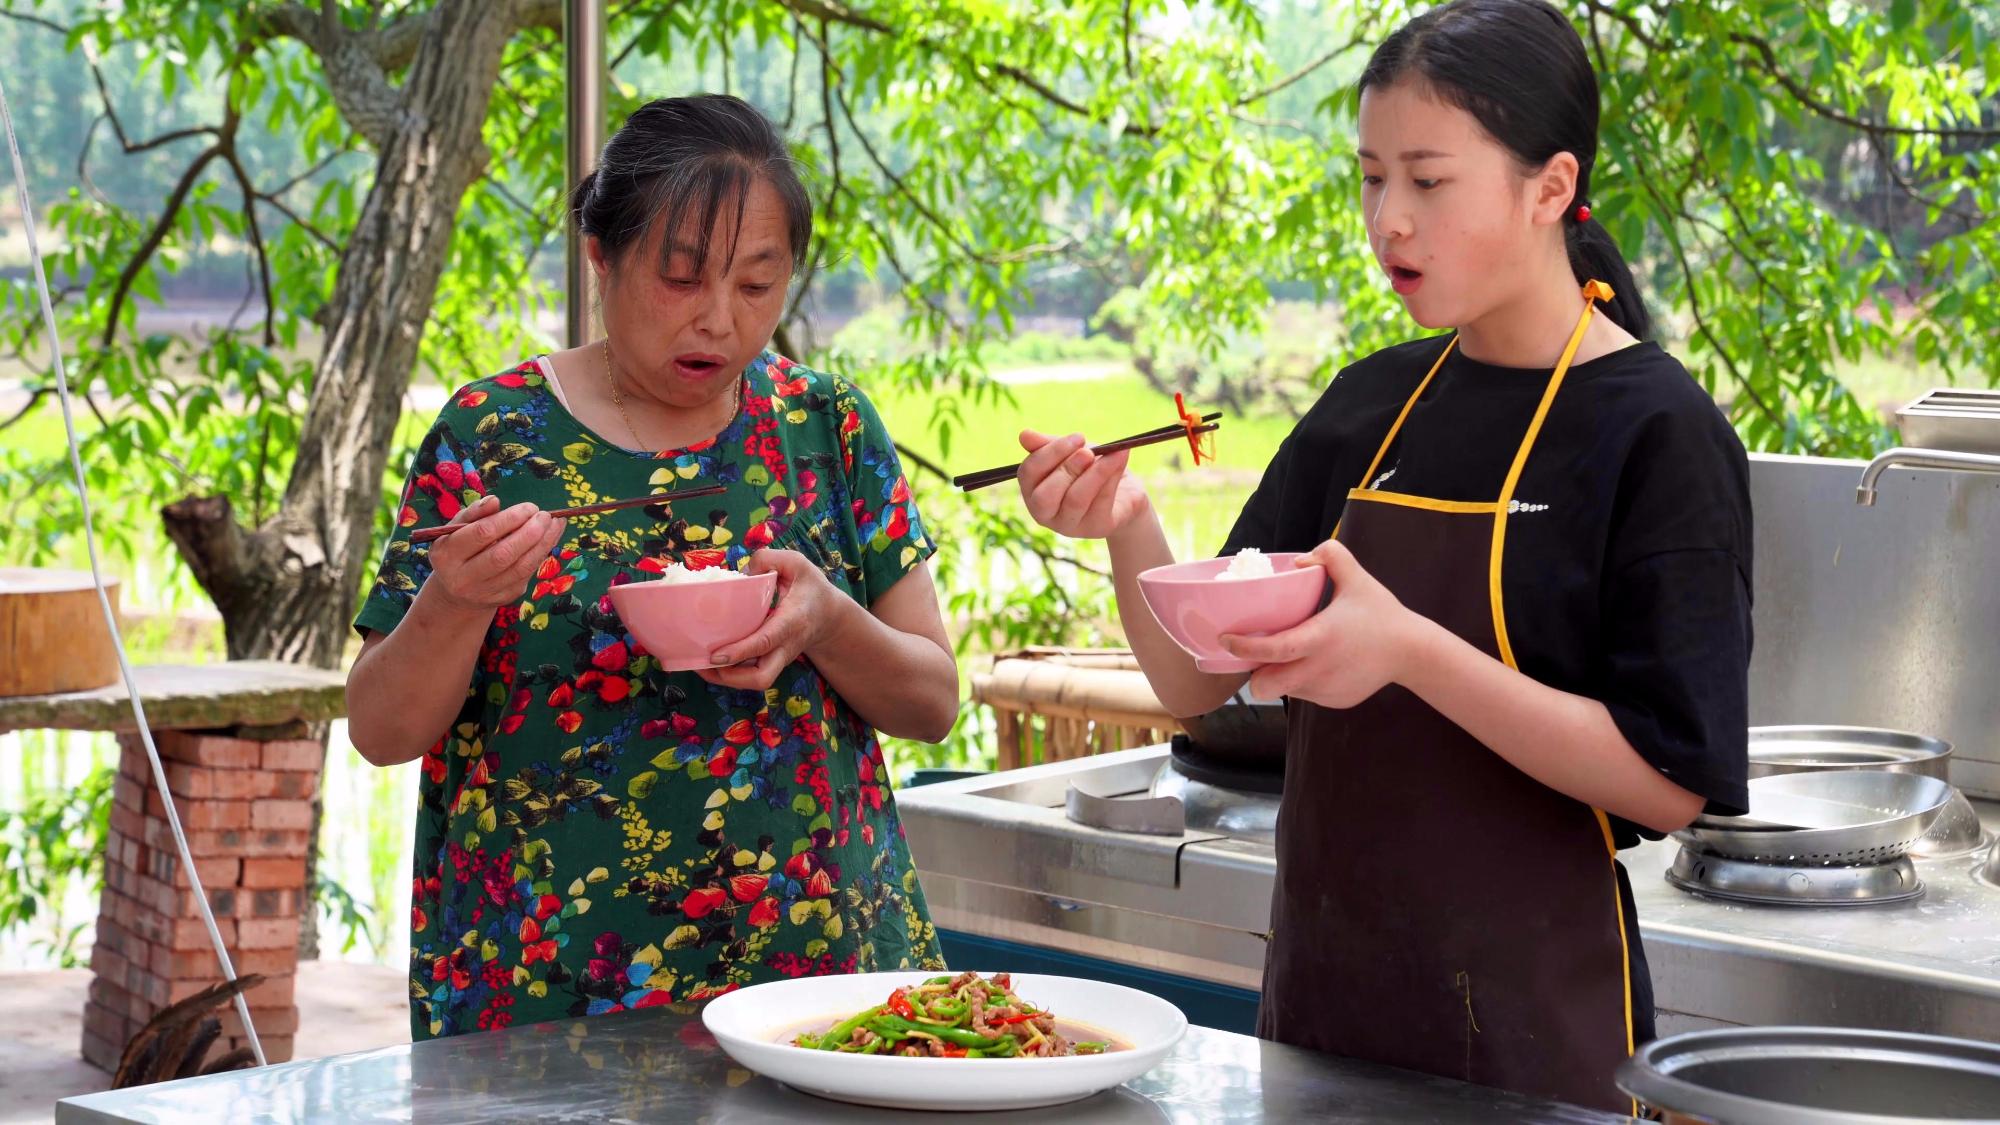 漆二娃vlog:今天的青椒牛肉丝好吃又下饭,可惜四伯爷不在家